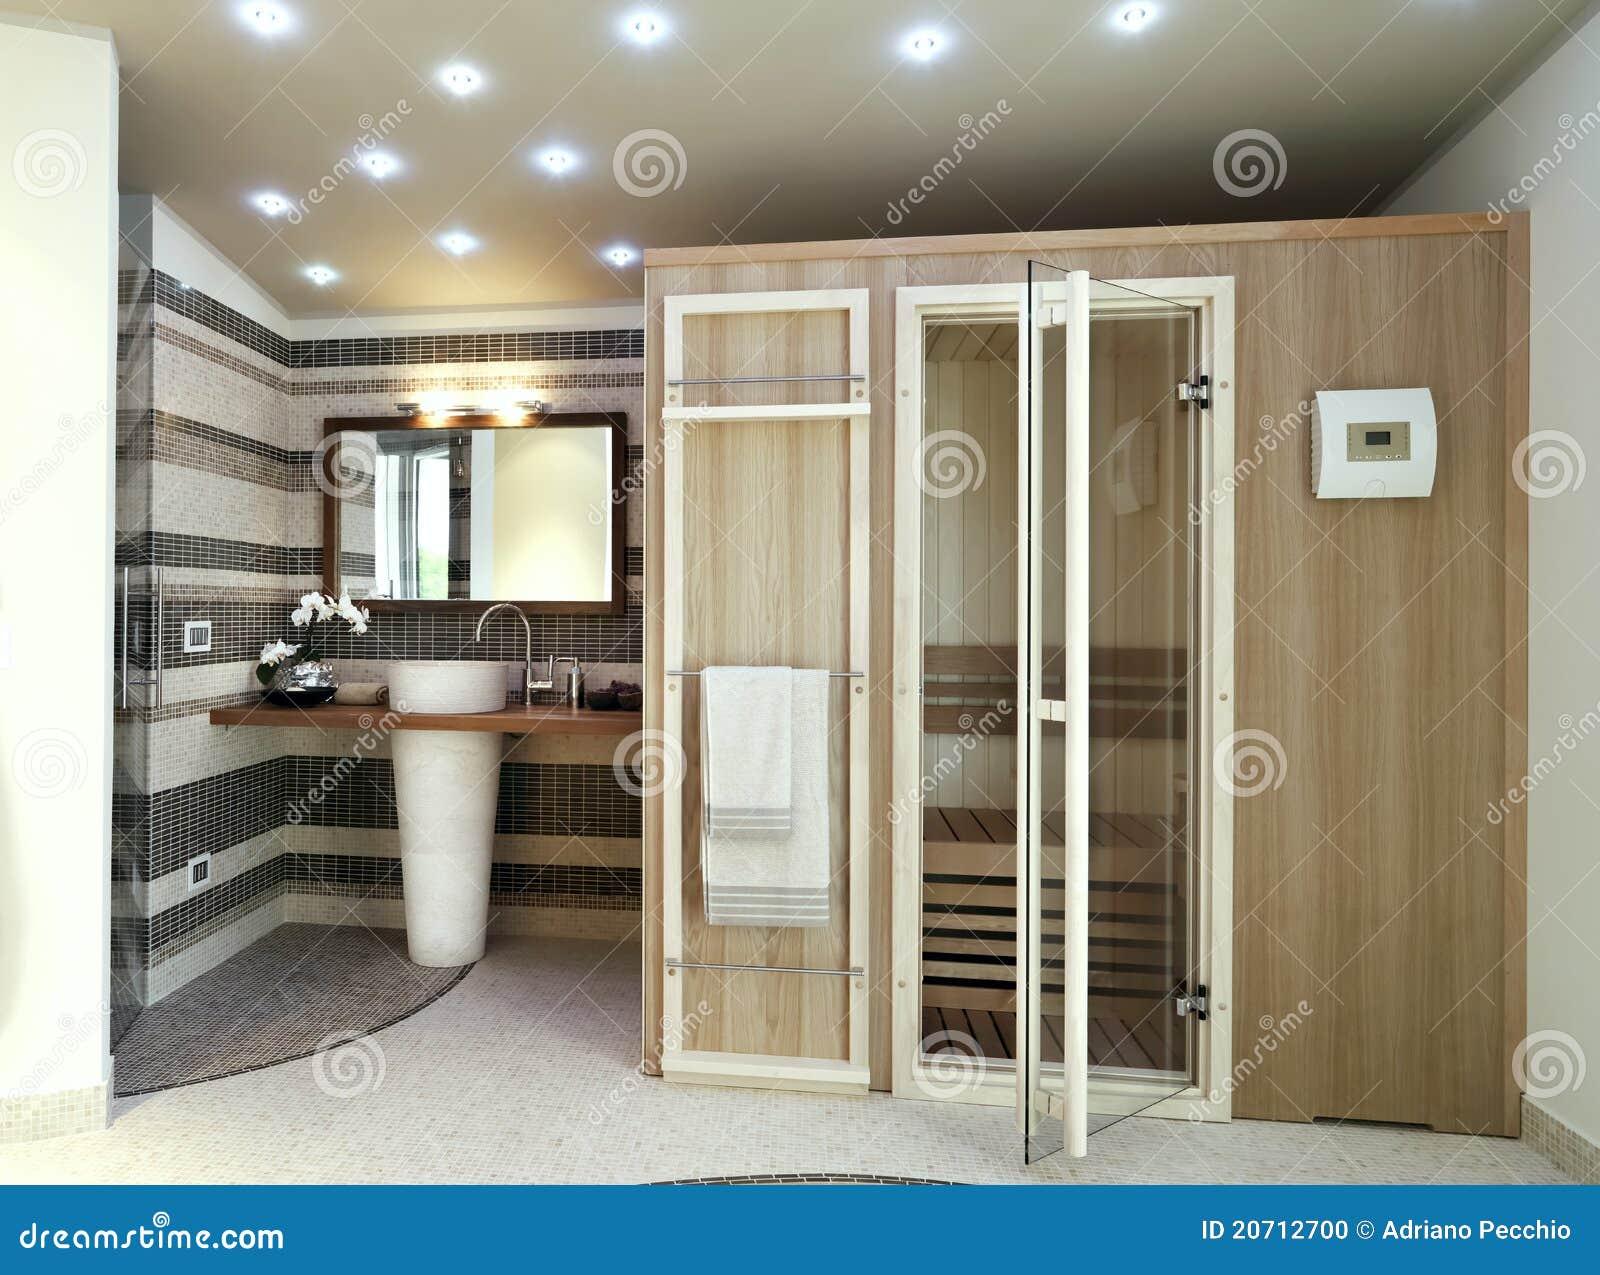 Imagenes De Baño Sauna:Cuarto De Baño Moderno Con Sauna Foto de archivo – Imagen: 20712700